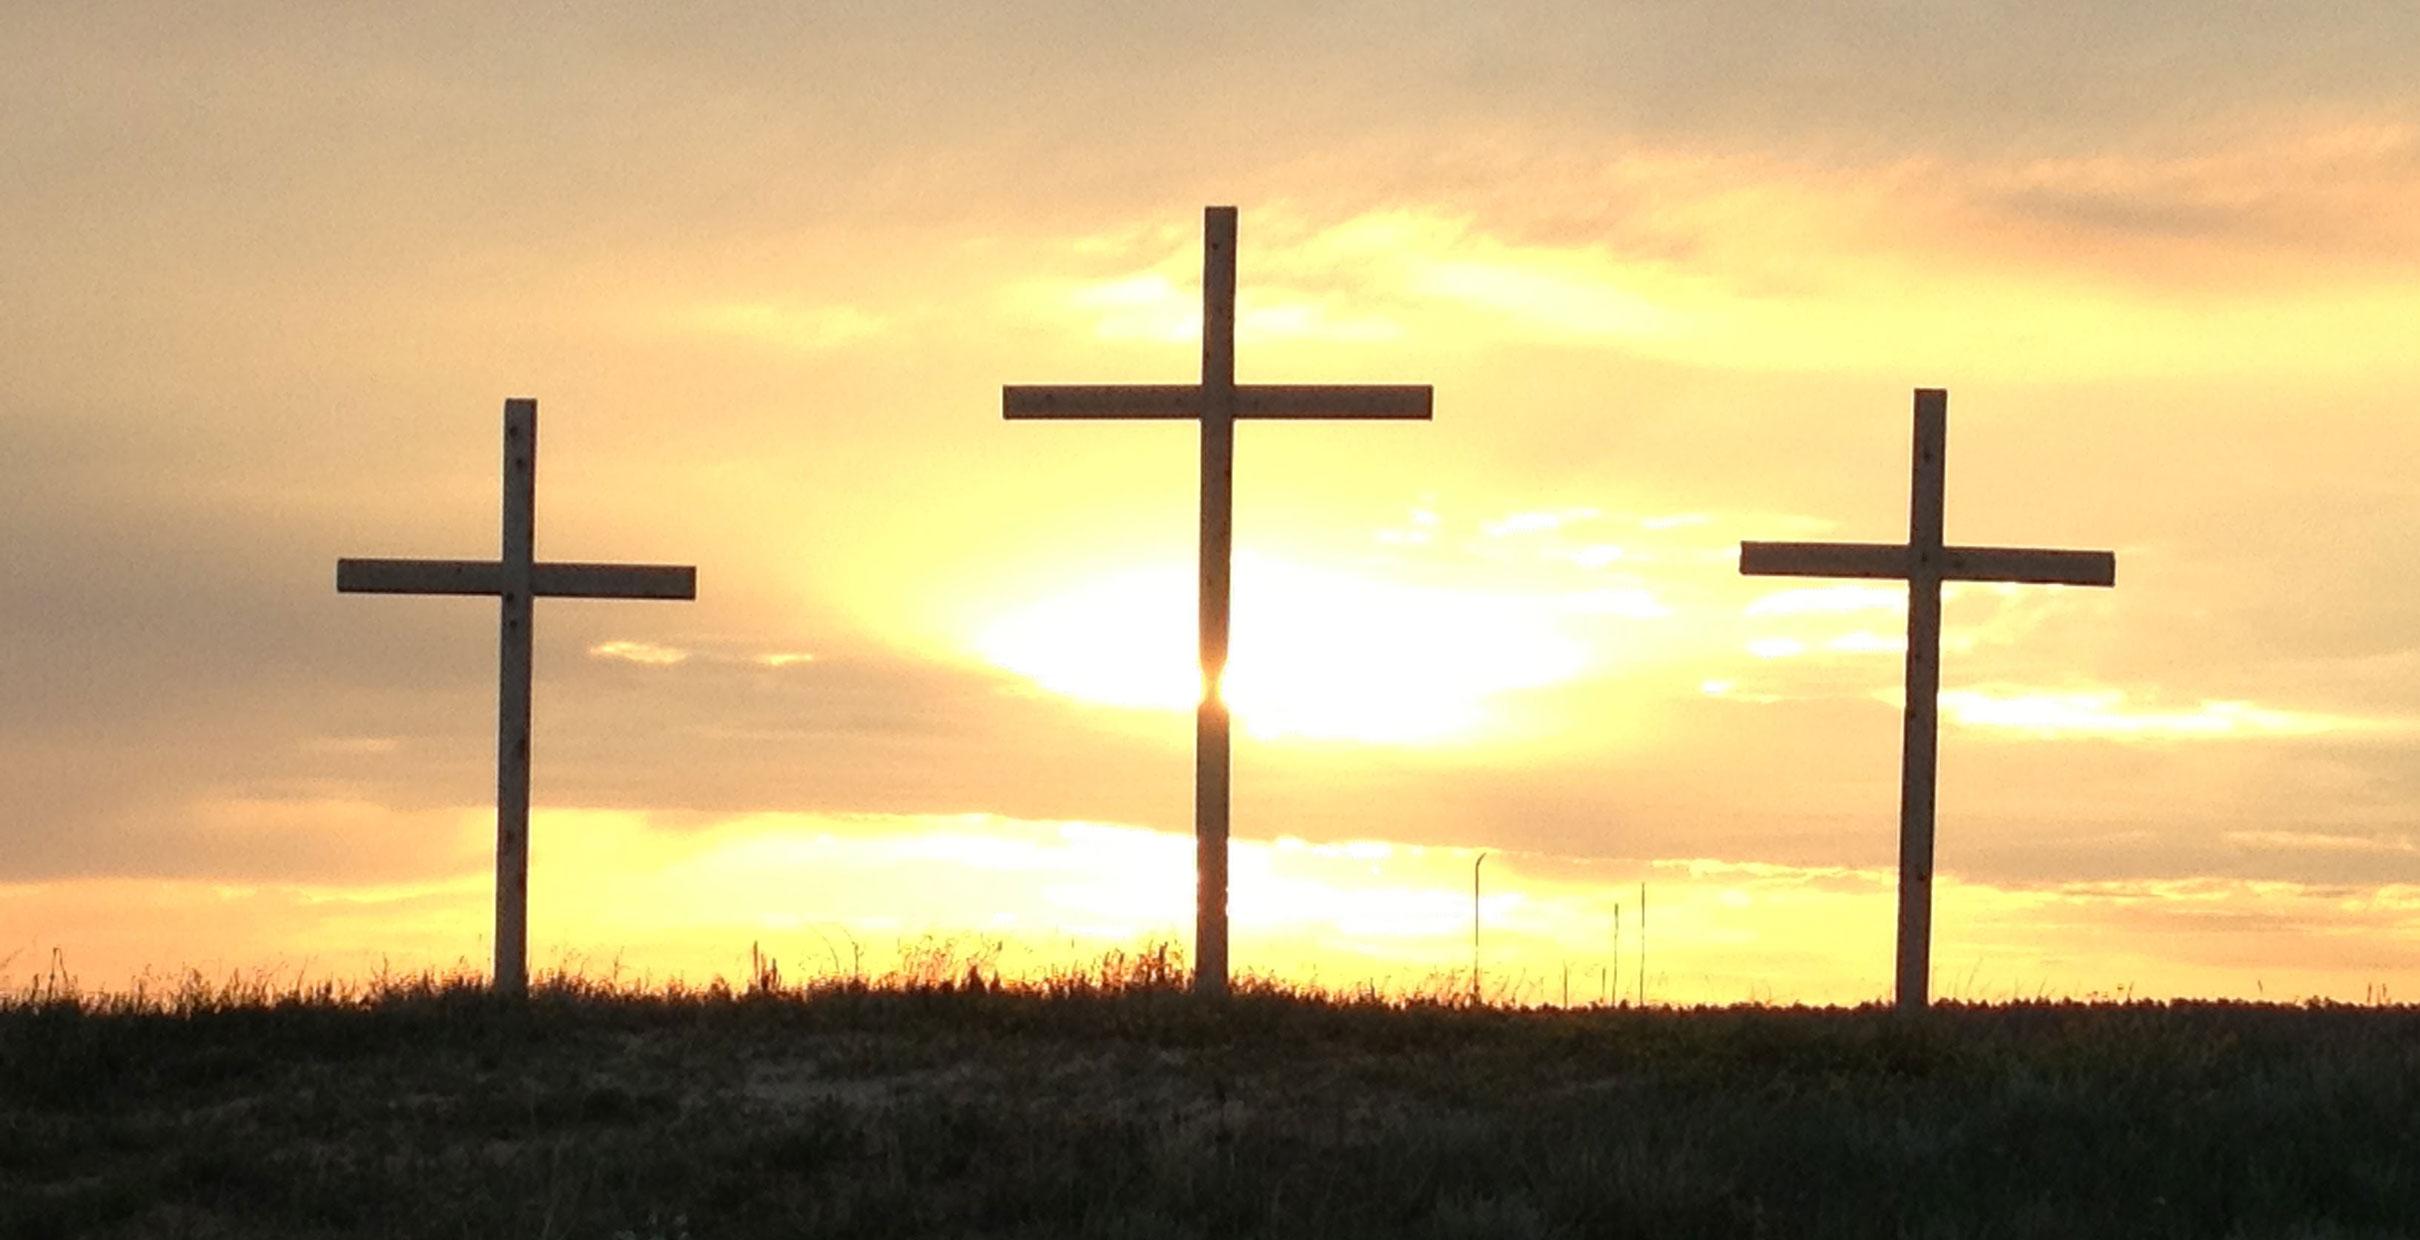 On Easter Sunday, many United Methodist congregations gather at sunrise to celebrate the resurrection. Photo by Joe Iovino, United Methodist Communications.